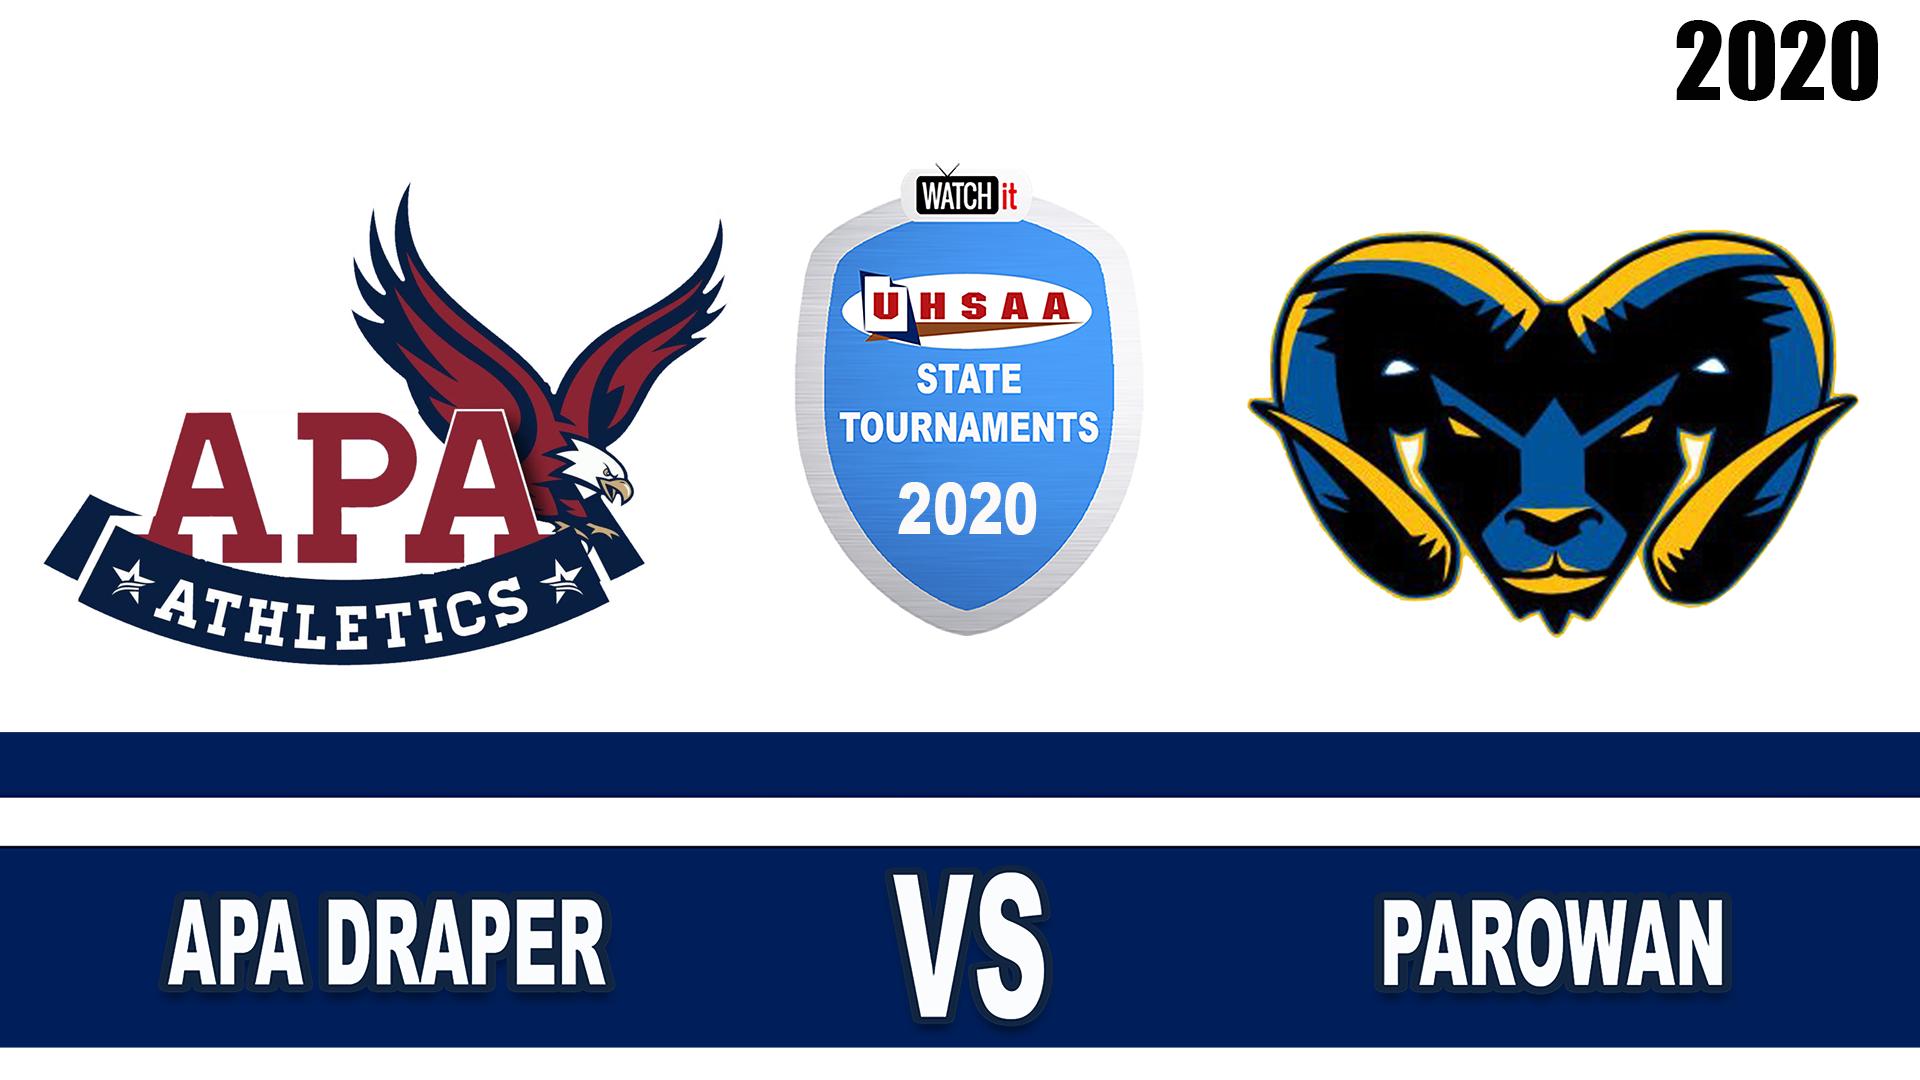 Draper APA vs Parowan